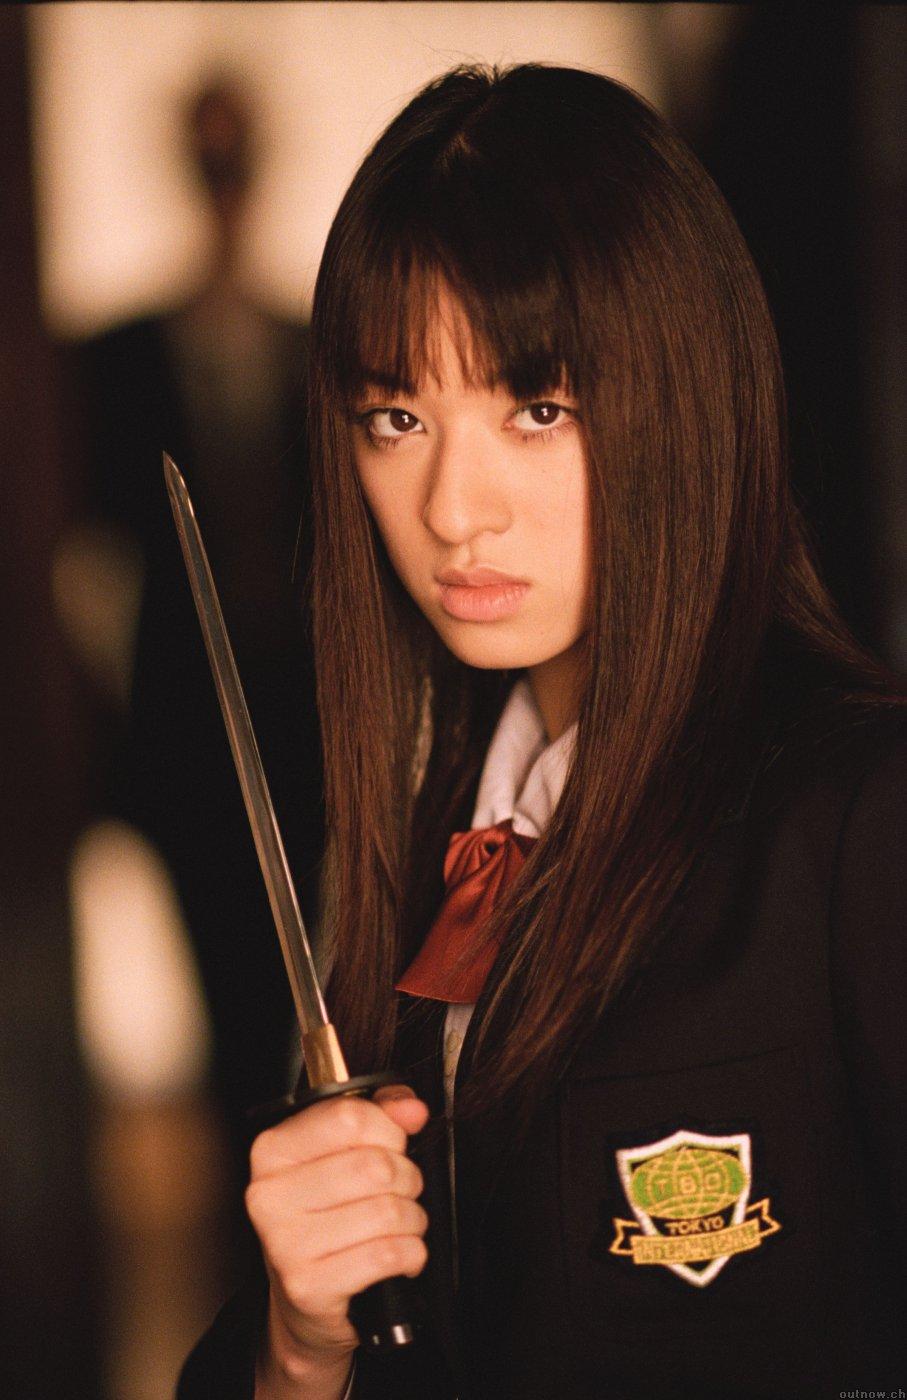 kill bill go go yubari school girl